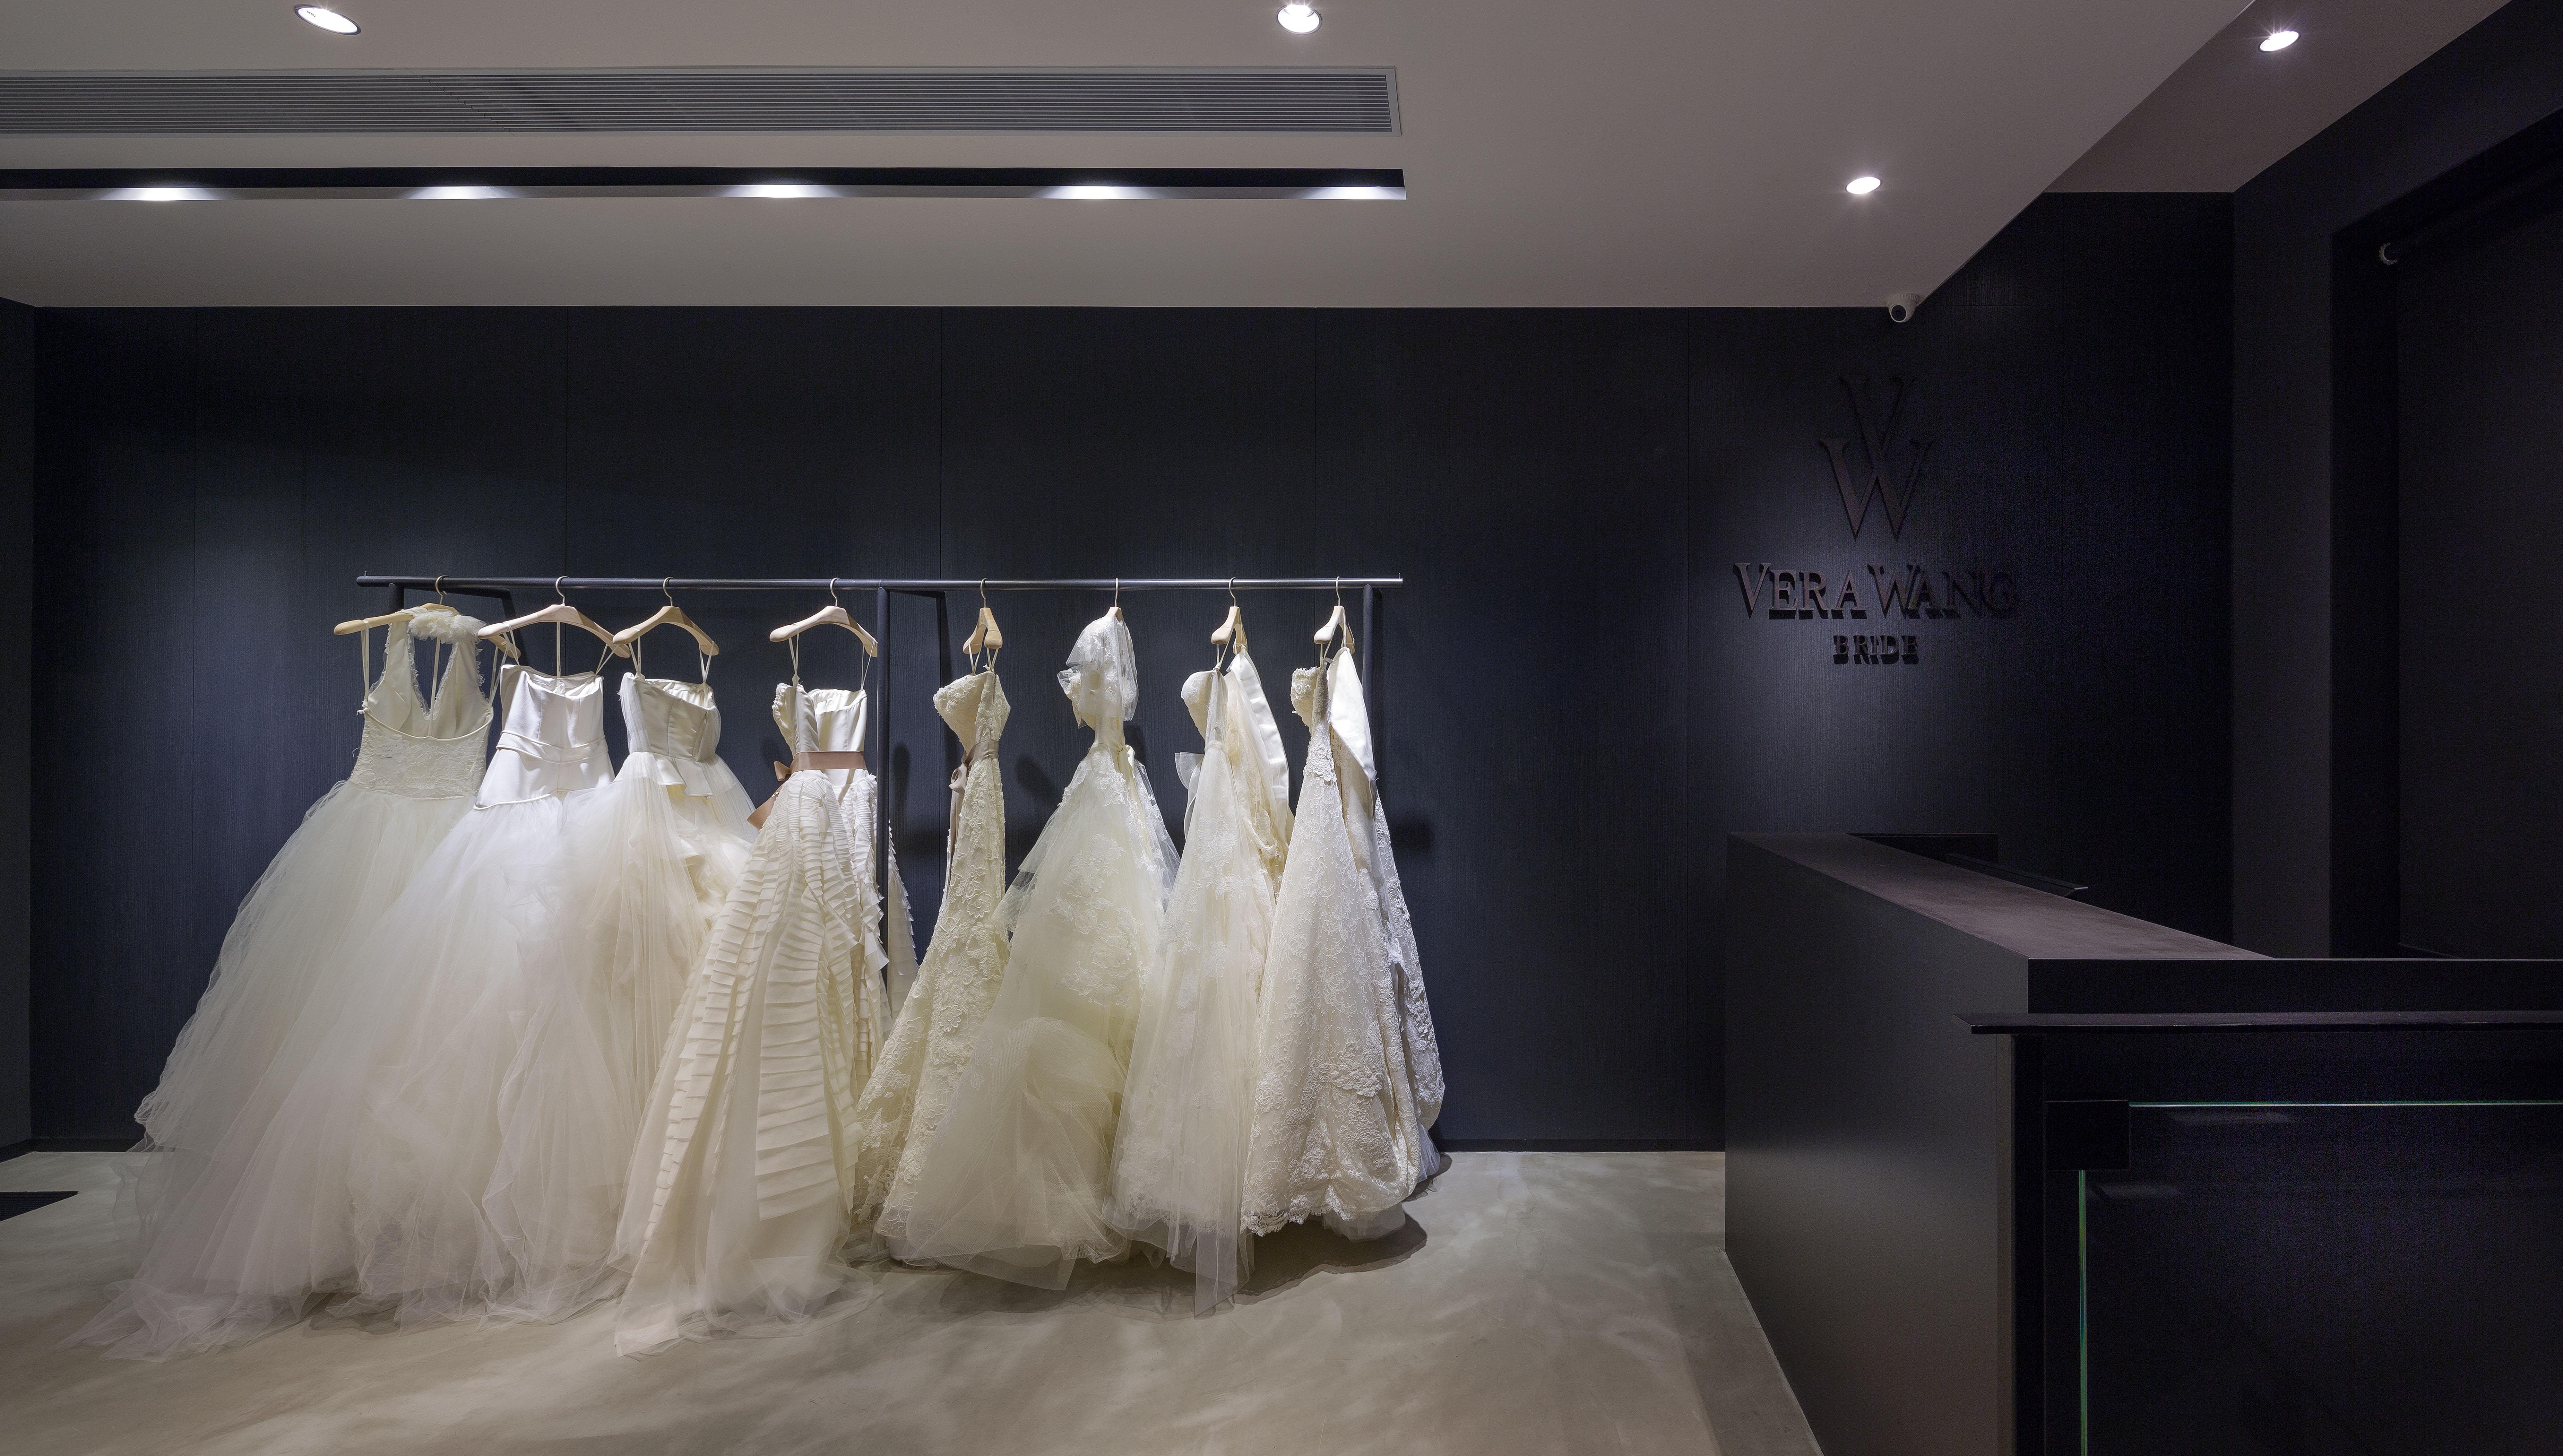 Vera Wang Wedding Gowns Hong Kong | Central Weddings